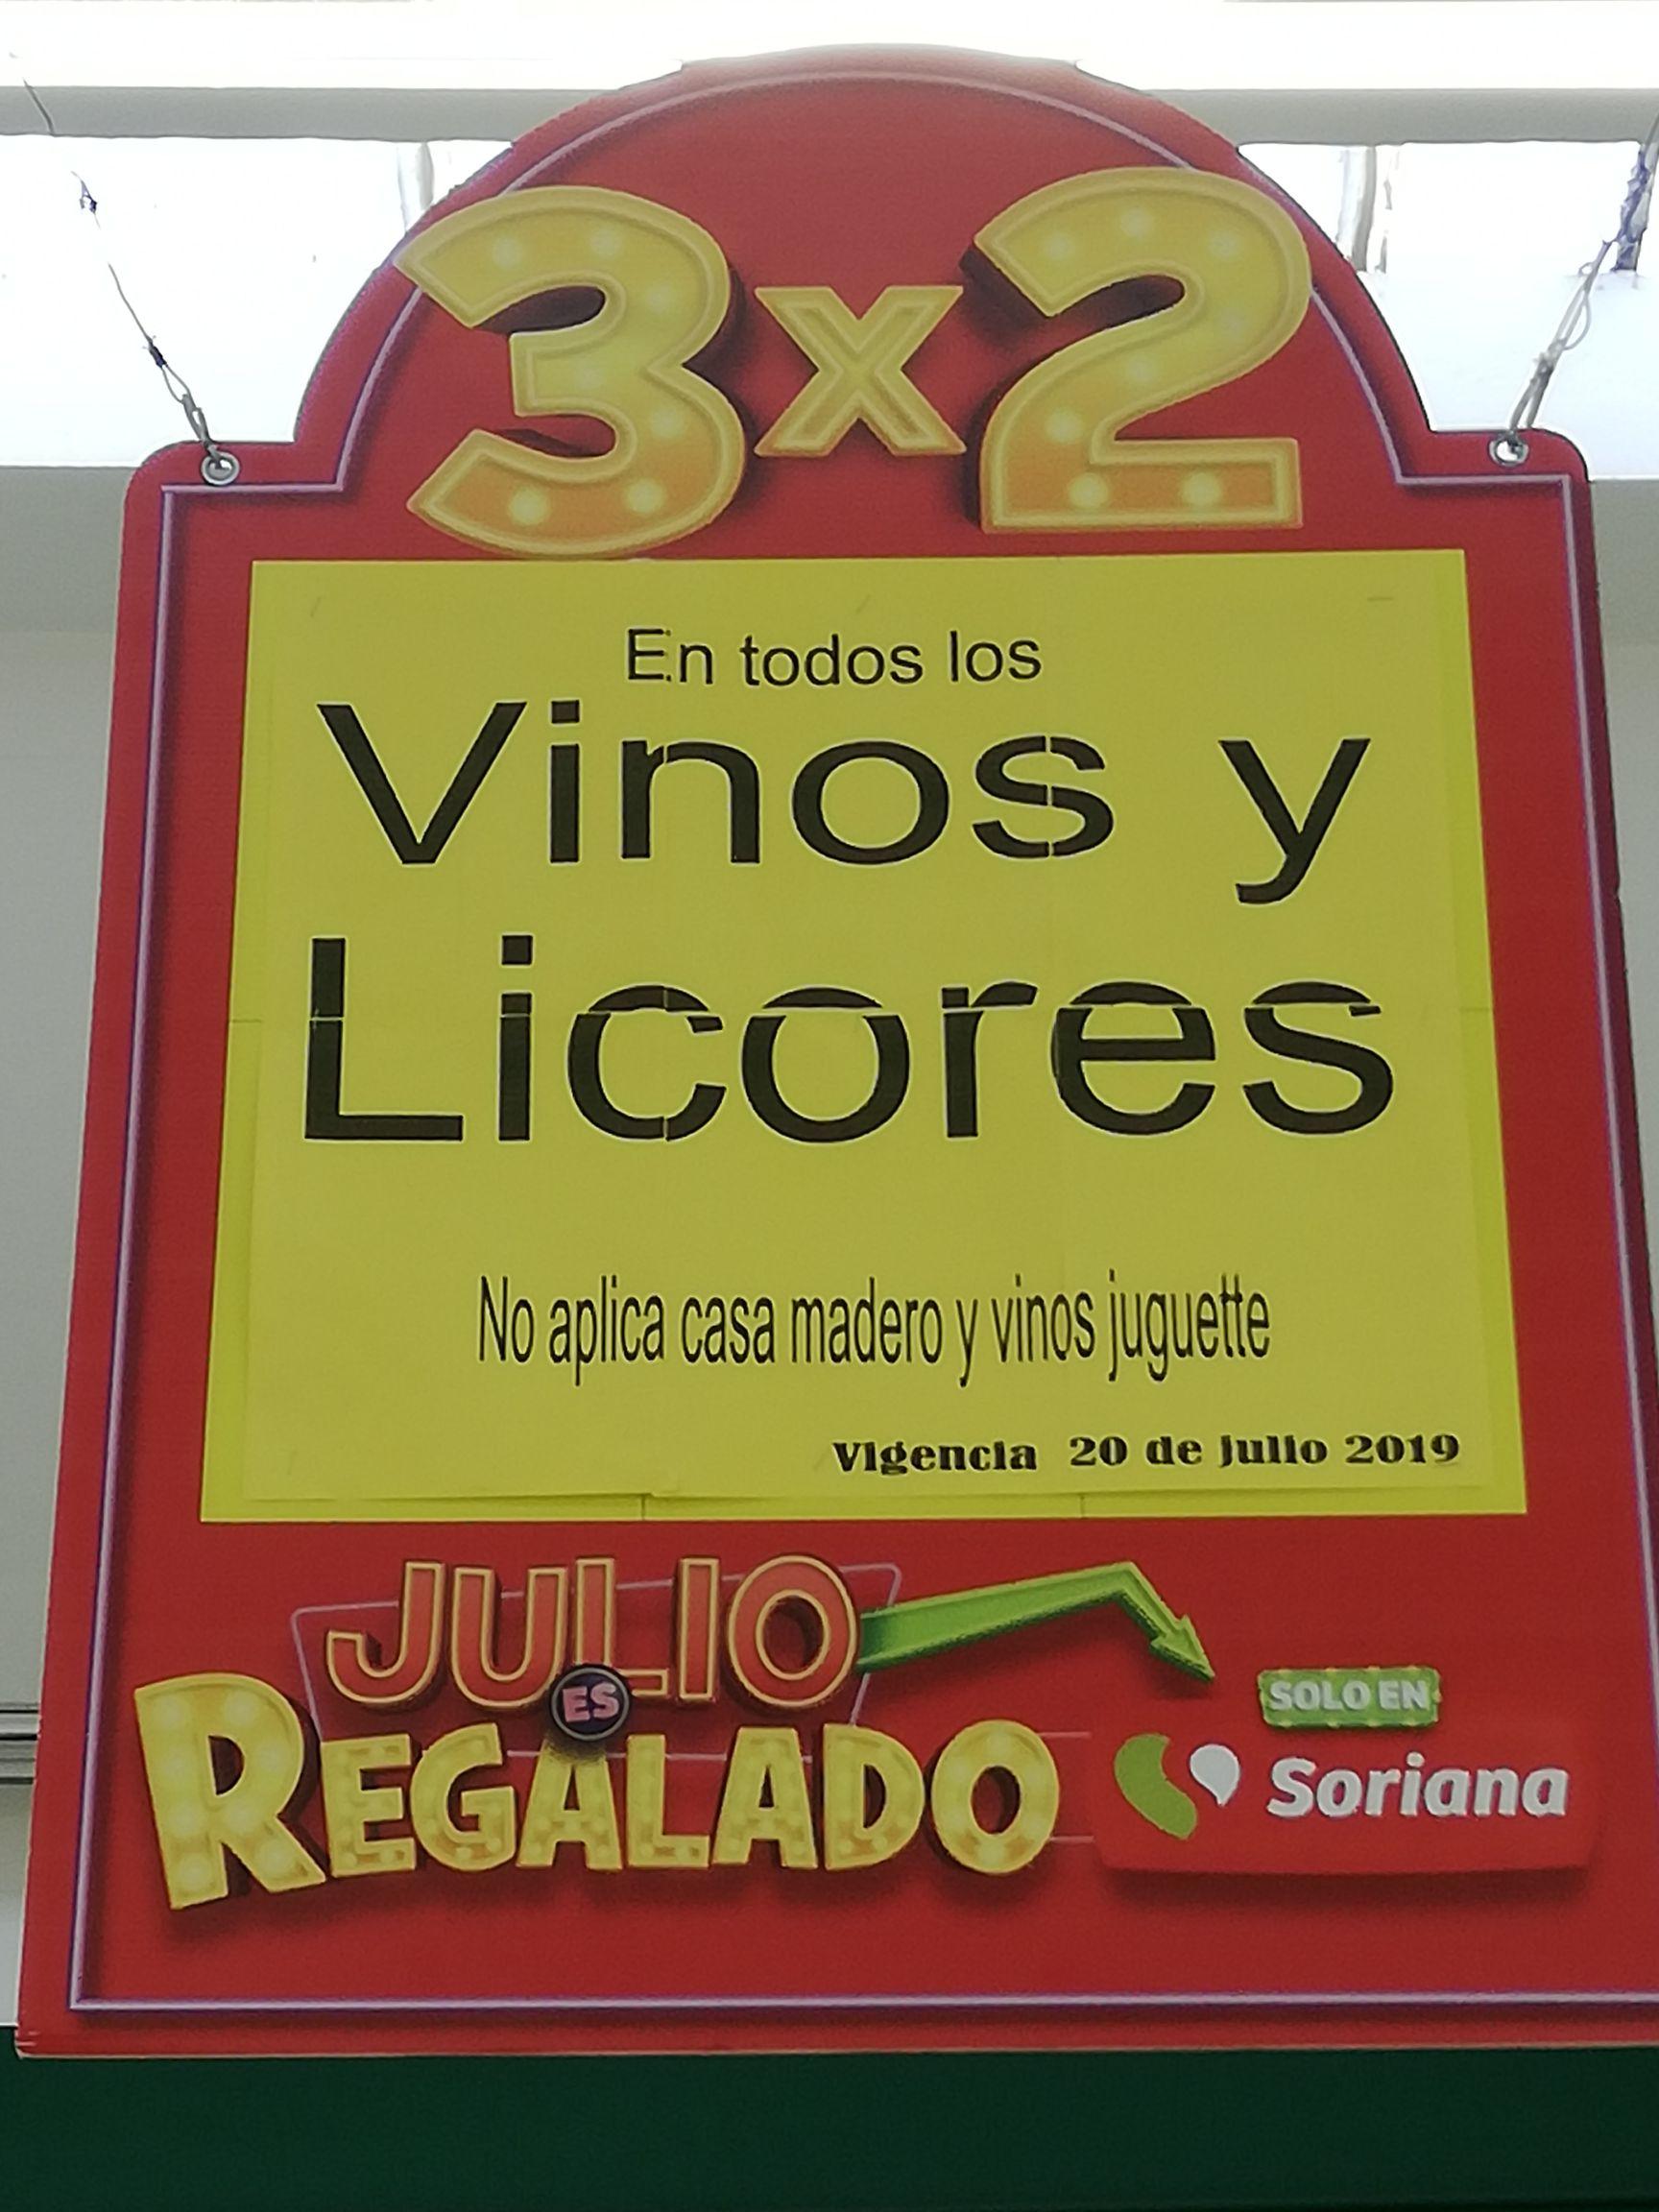 Soriana Super:  3x2 en Vinos y Licores 20 de Julio